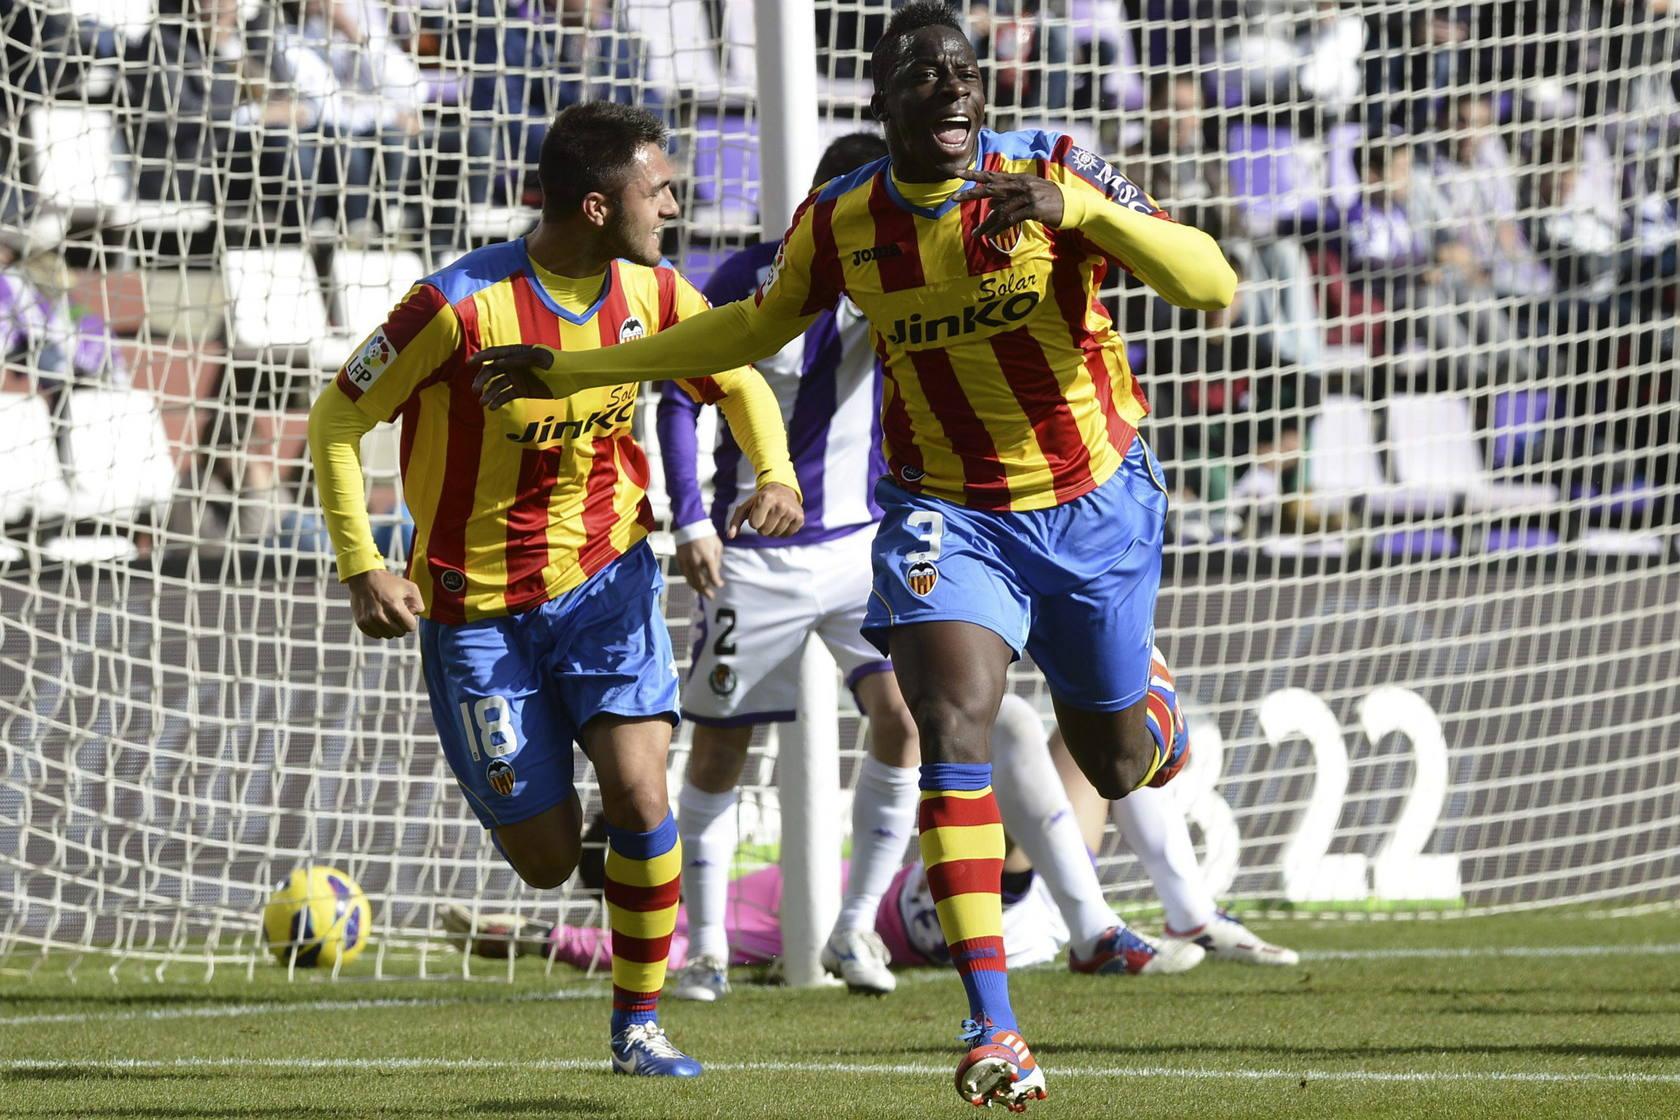 Valladolid 1 - Valencia 1